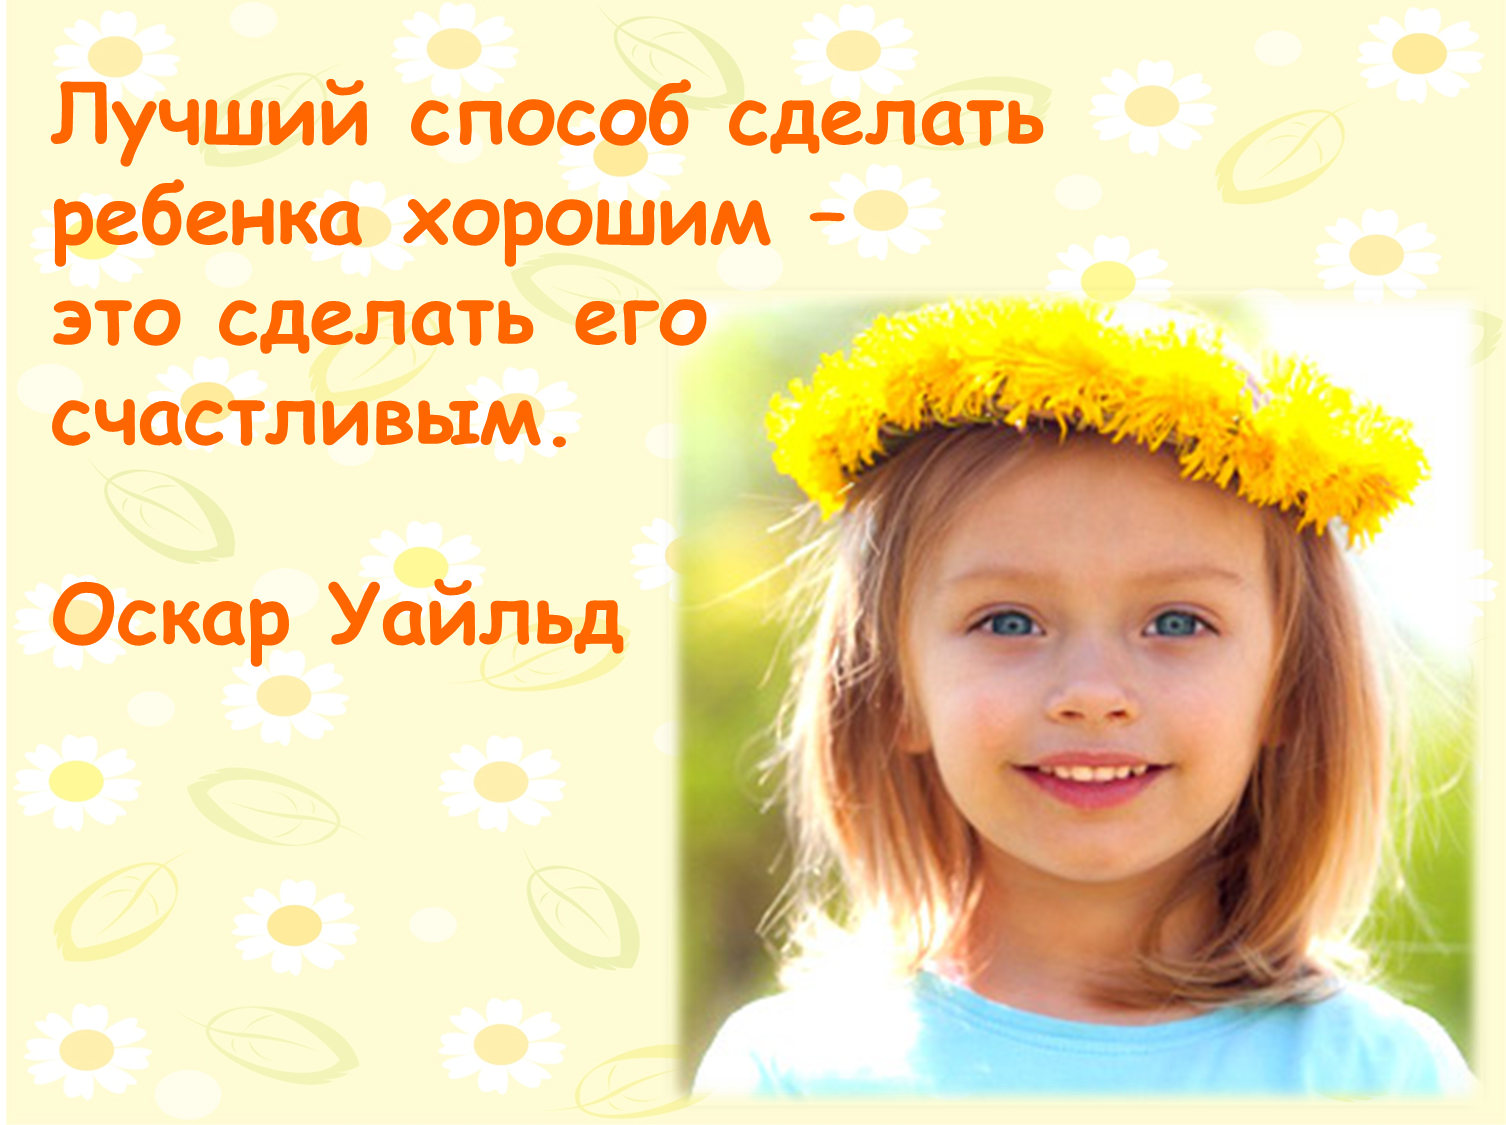 Картинки с детьми и красивыми надписями